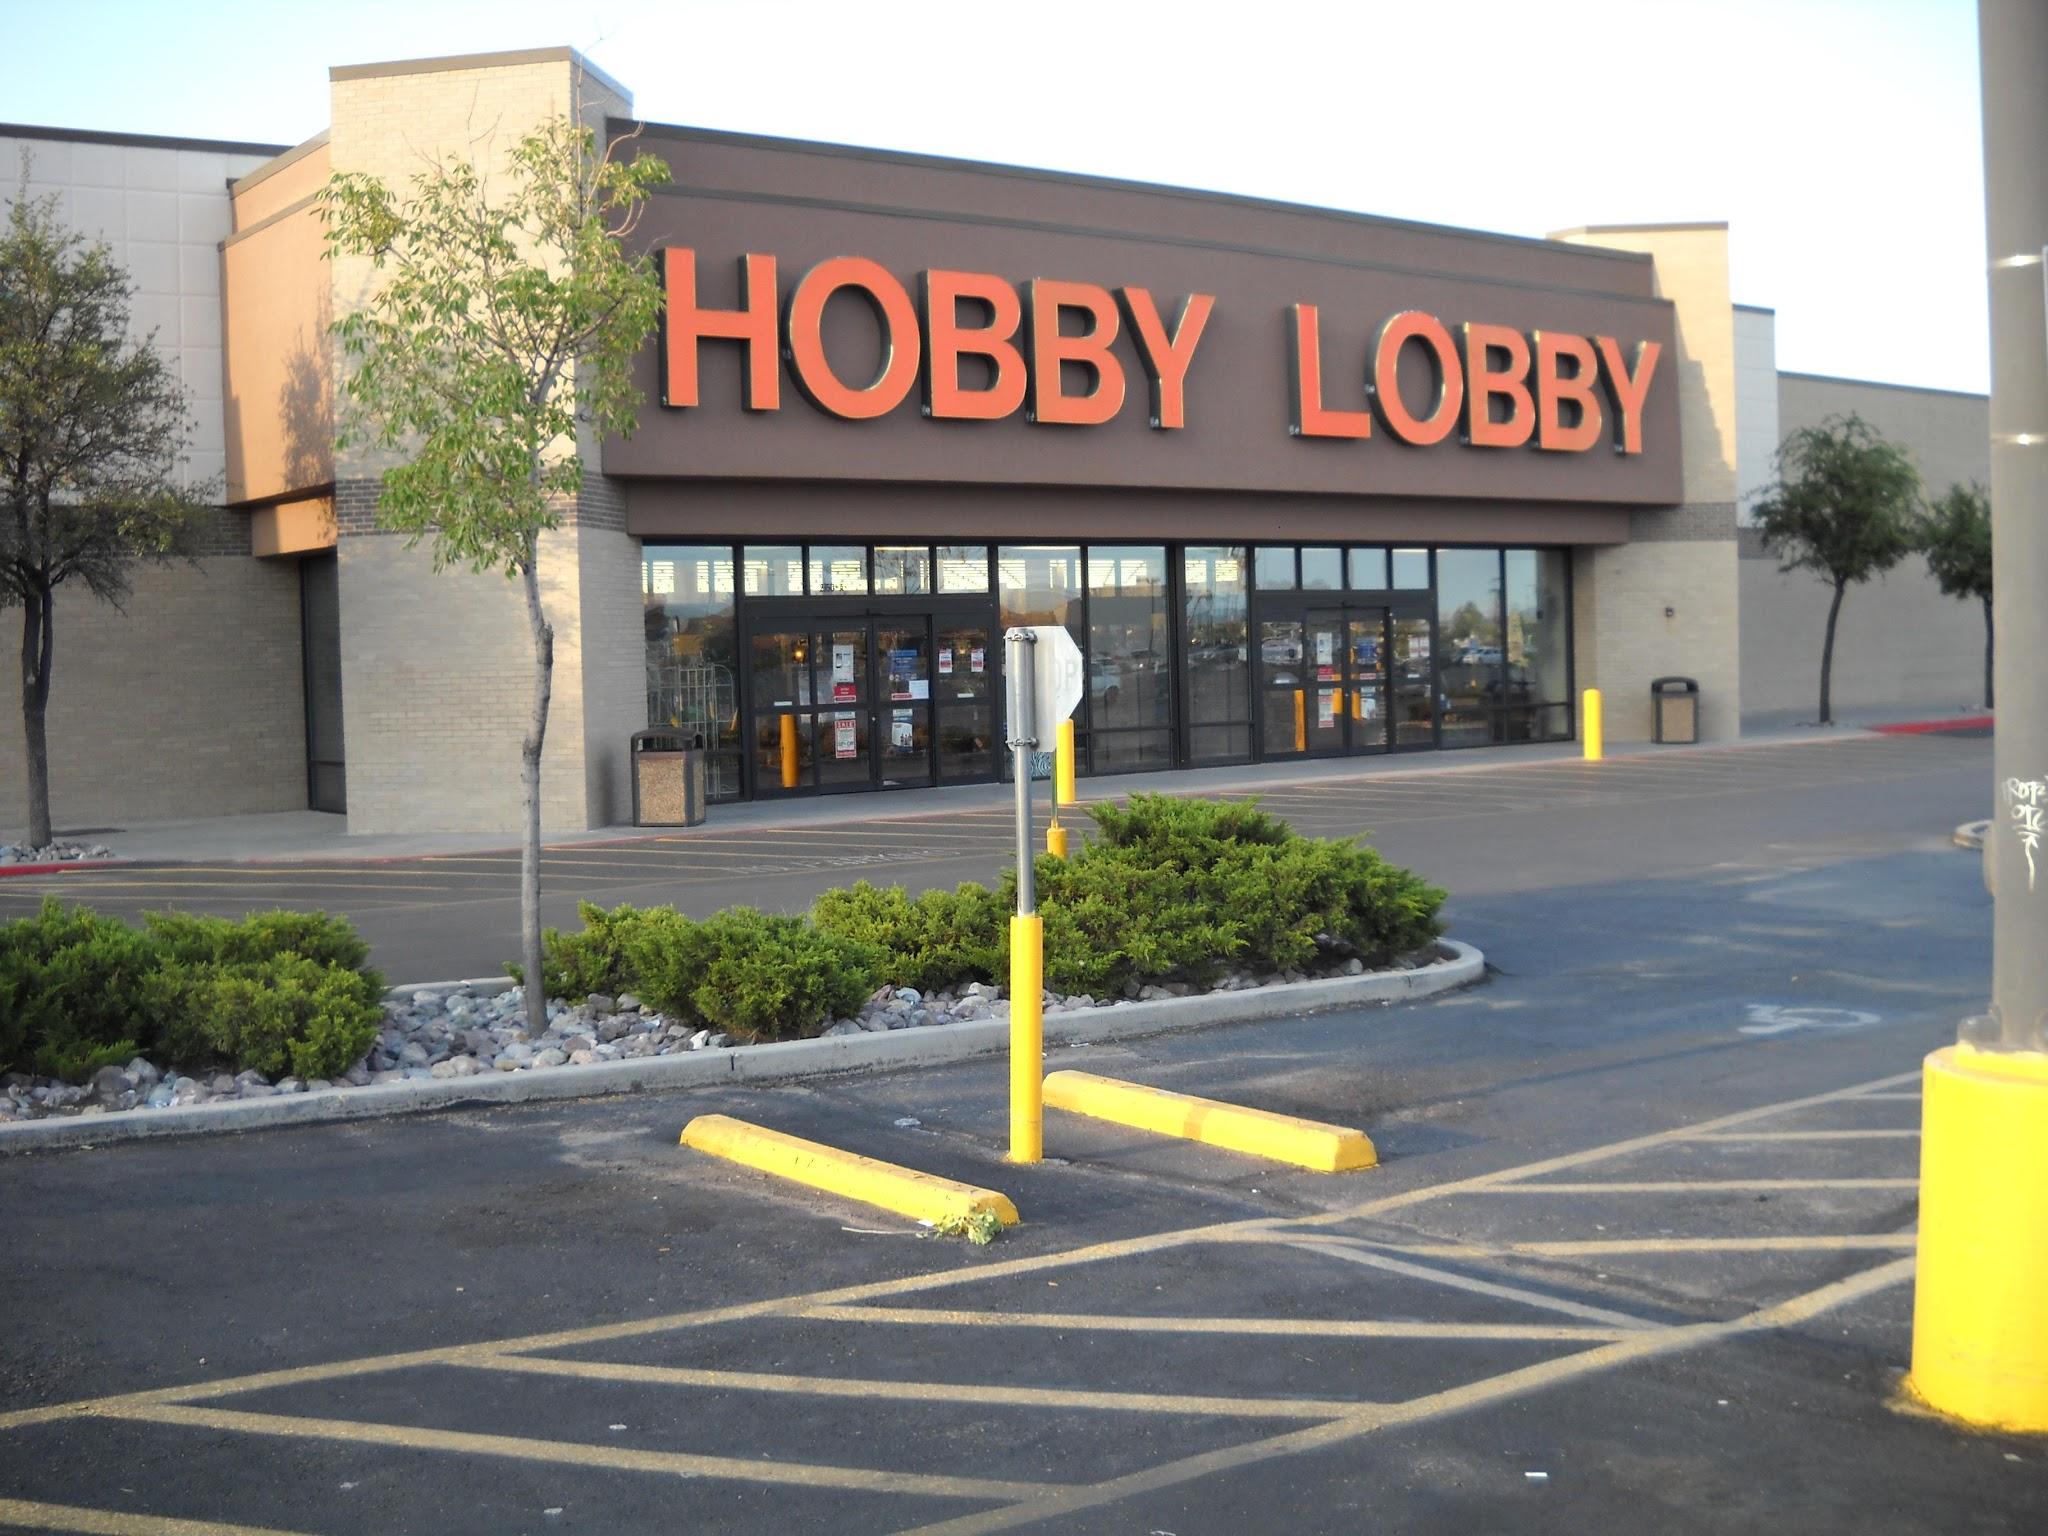 Hobby Lobby image 1